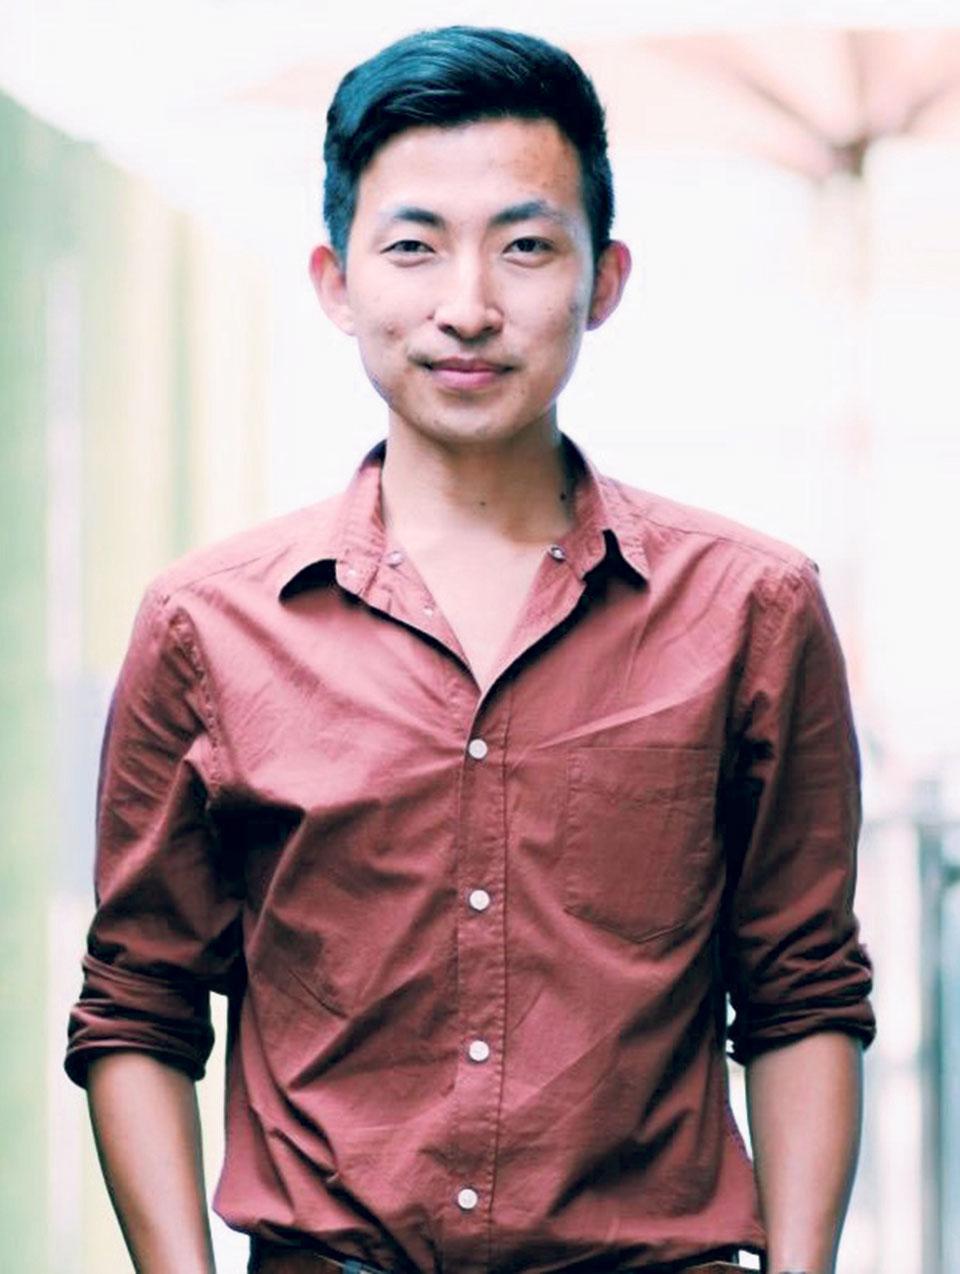 Lex Limbu talks about being gay